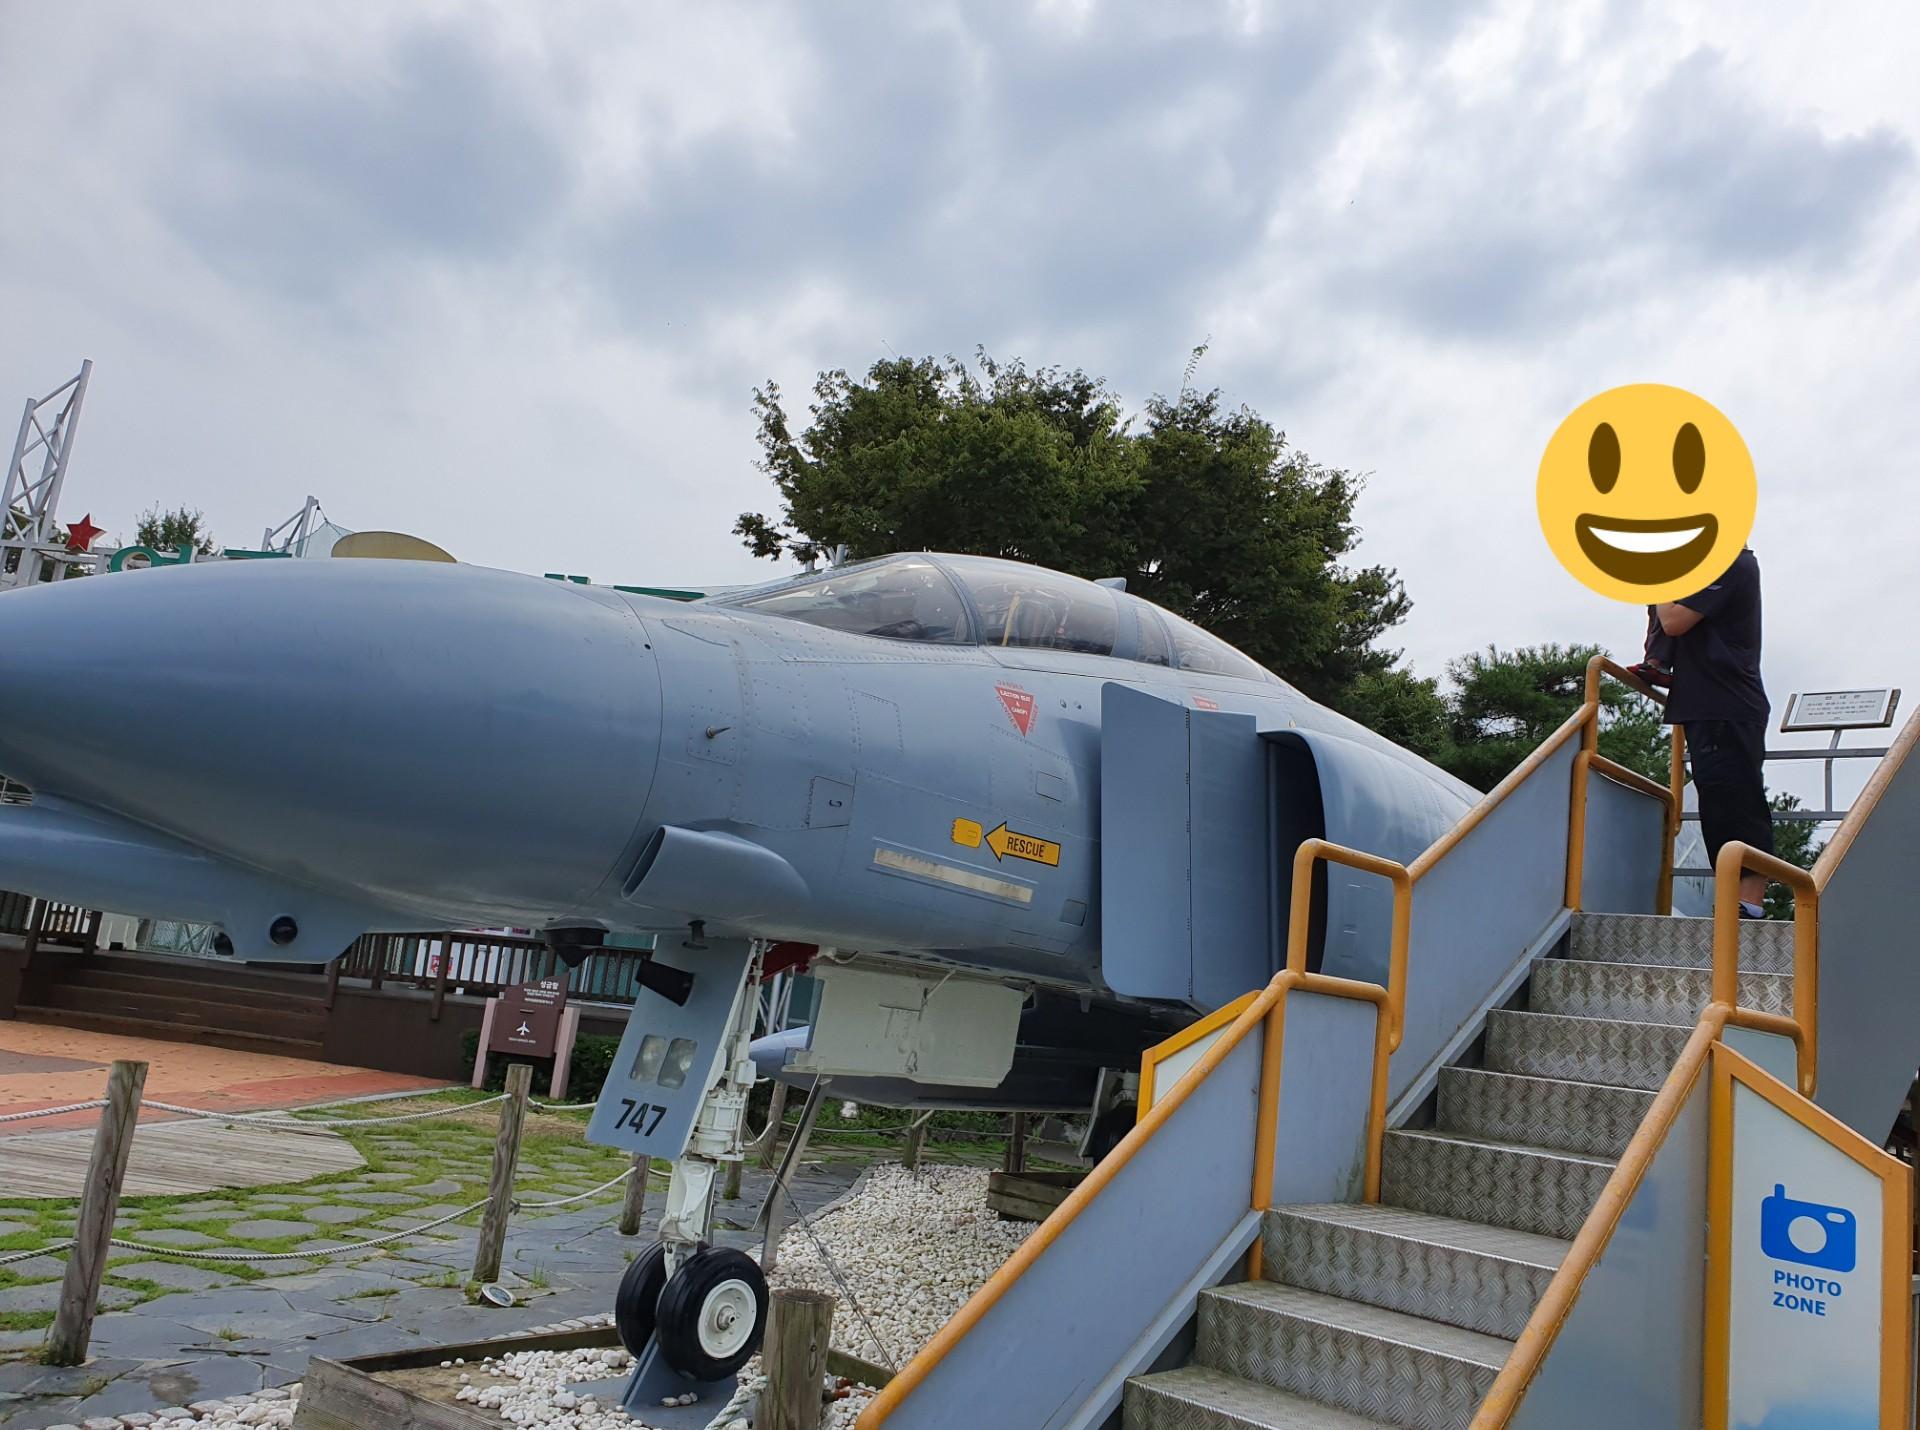 9월초 강릉 여행(1) : 고속도로 휴게소 비행기 구경